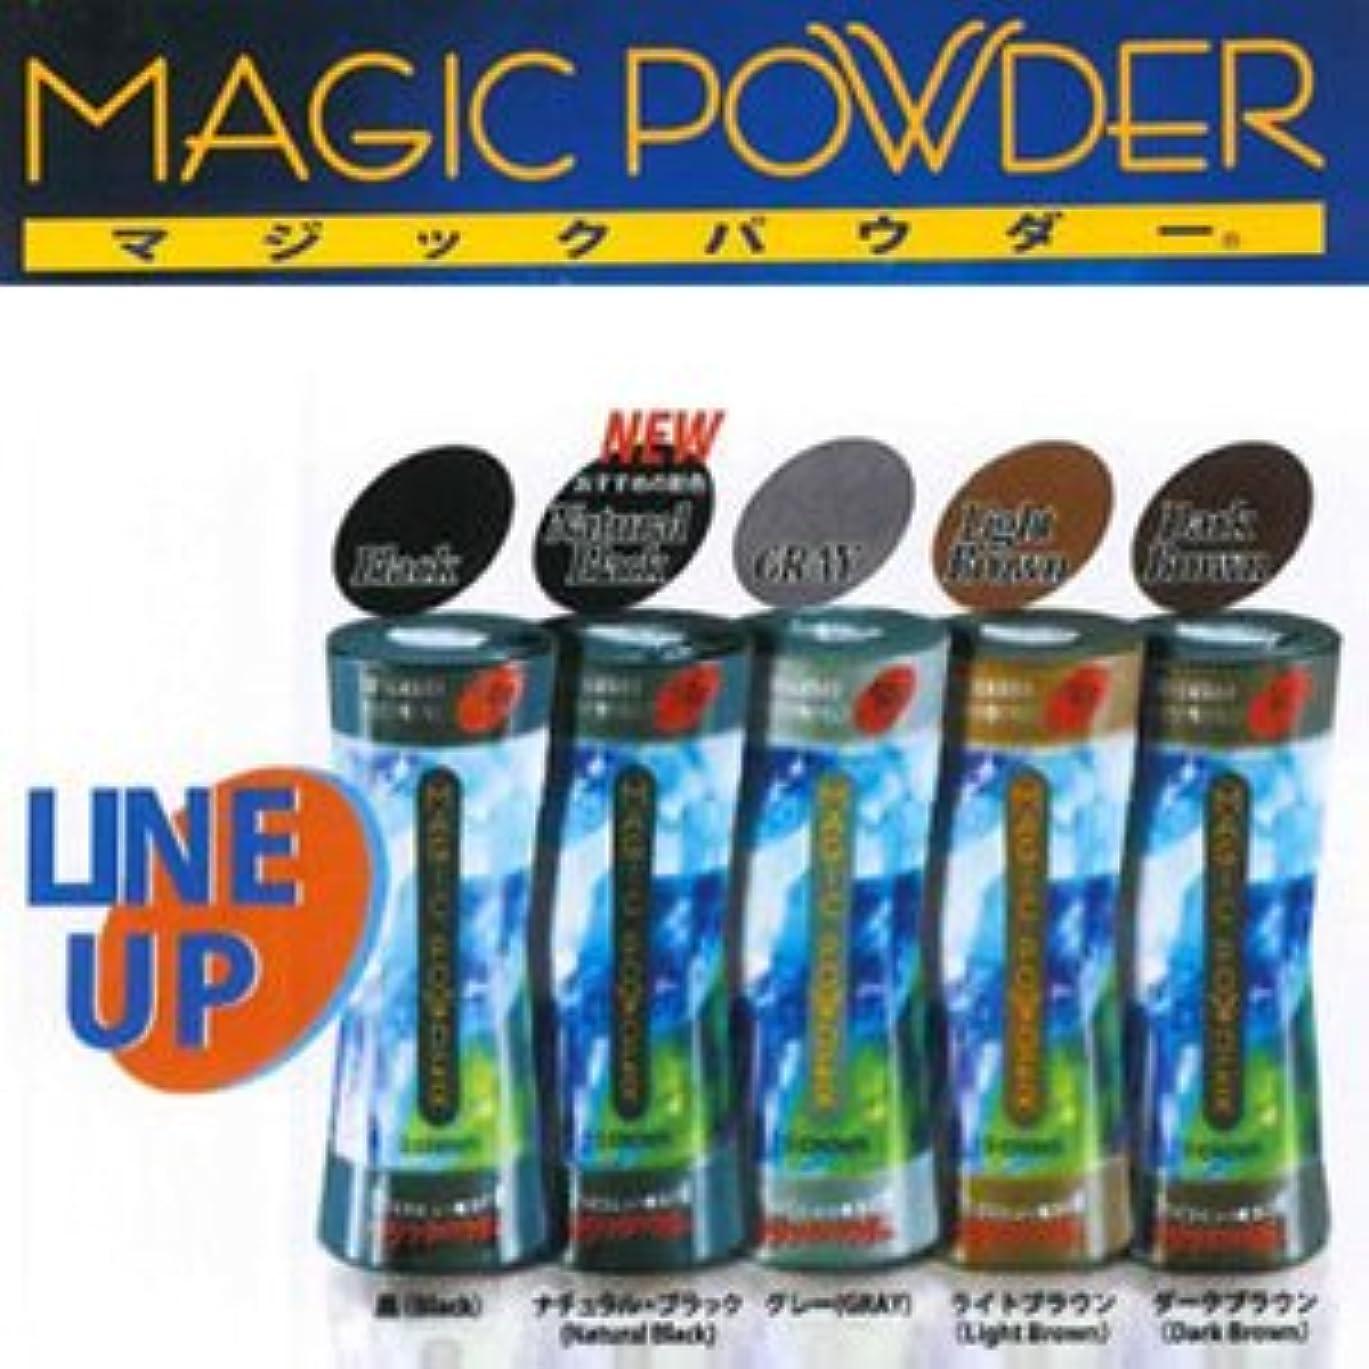 リッチ昆虫派生するMAGIC POWDER マジックパウダー ライトブラウン 50g 2個セット ※貴方の髪を簡単ボリュームアップ!